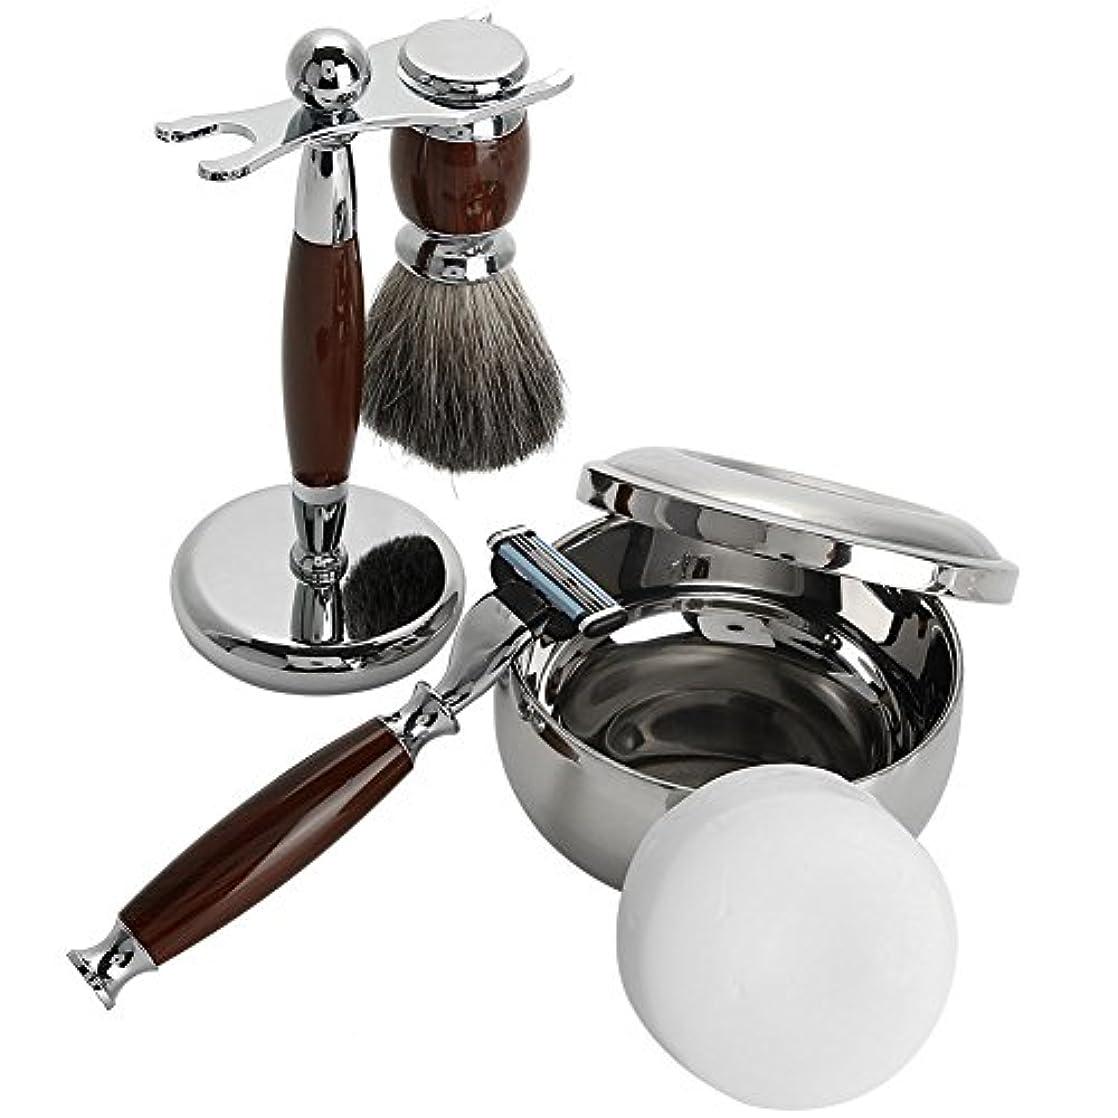 自動オン等価剃刀 -Dewin シェービングブラシセット、剃刀スタンド、石鹸ボウル、石鹸、洗顔ブラシ、髭剃り、泡立ち、メンズ